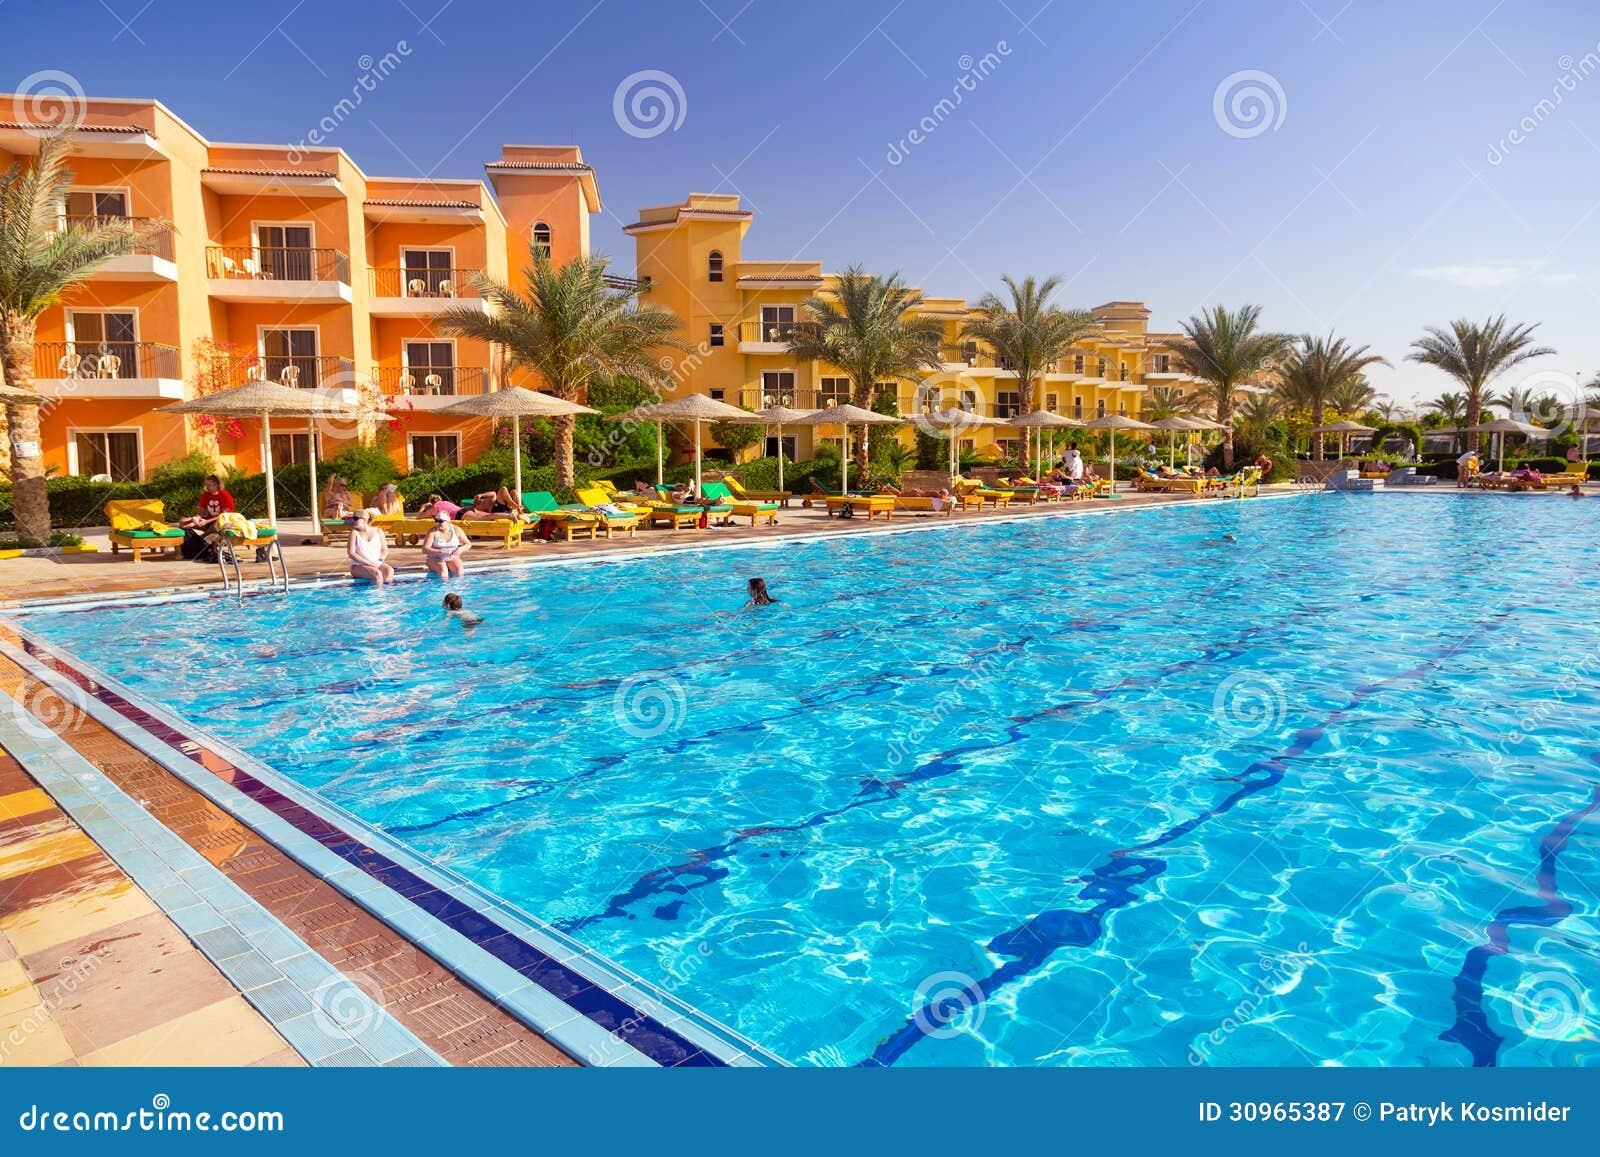 Piscine à la station de vacances tropicale dans Hurghada, Egypte